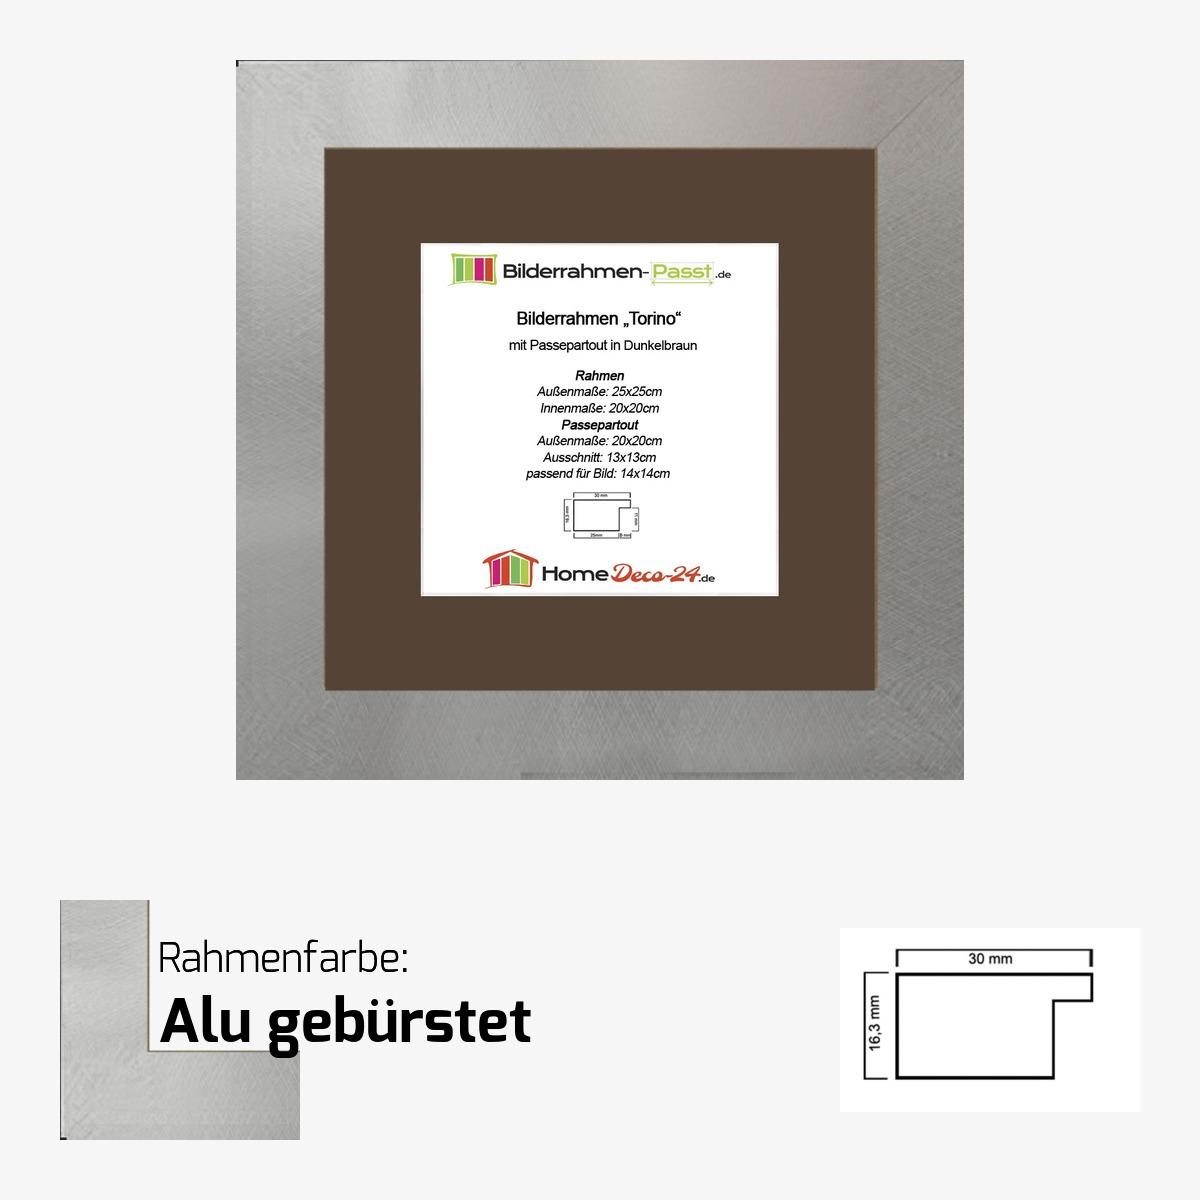 Ausgezeichnet 14x14 Rahmen Fotos - Benutzerdefinierte Bilderrahmen ...